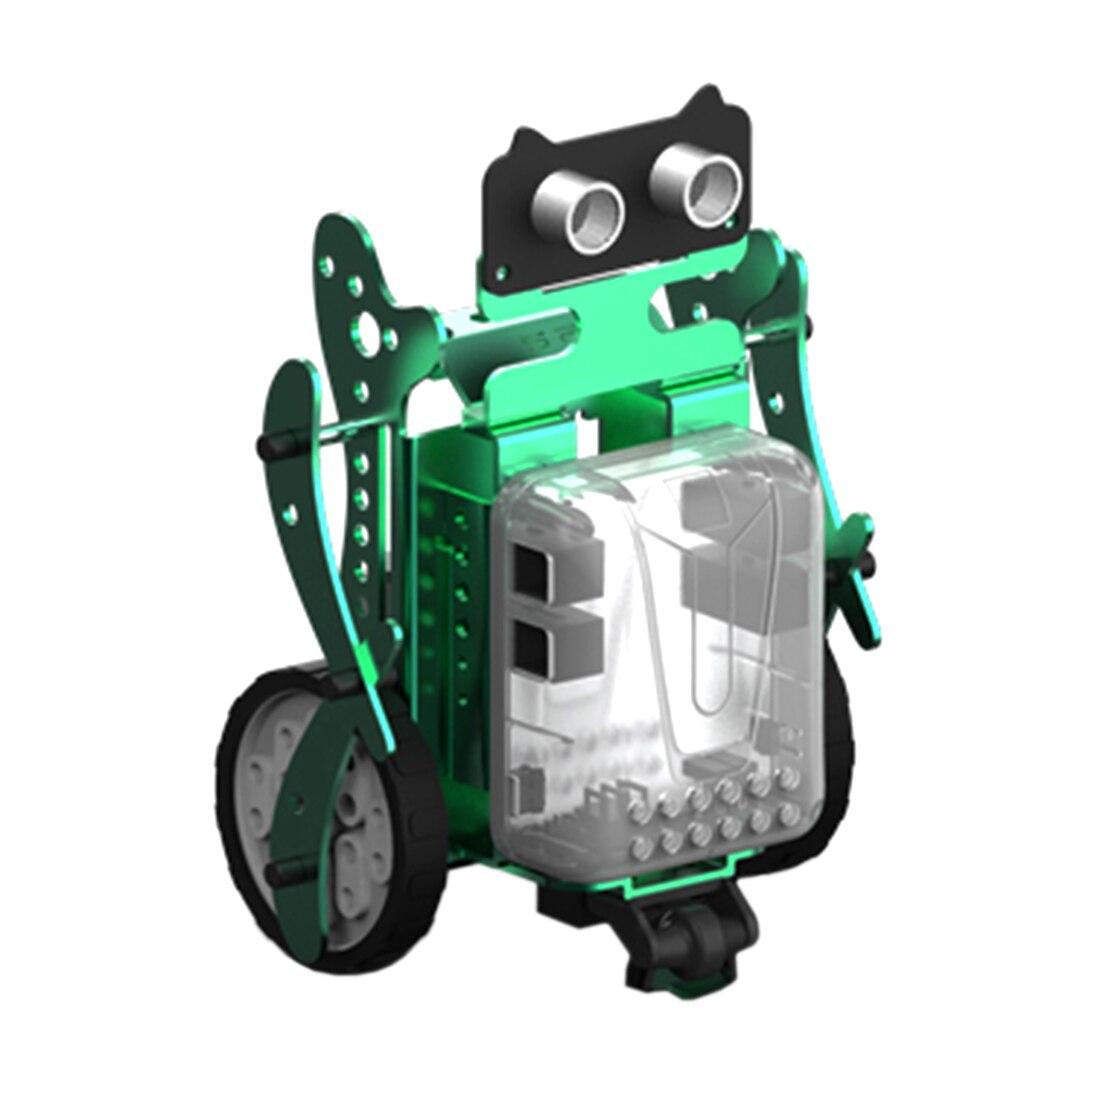 Modiker Niños De Rasguños Programación 1 Evitar Tecnología Para En Inteligente Alta 3 Diy HbeIWE29DY